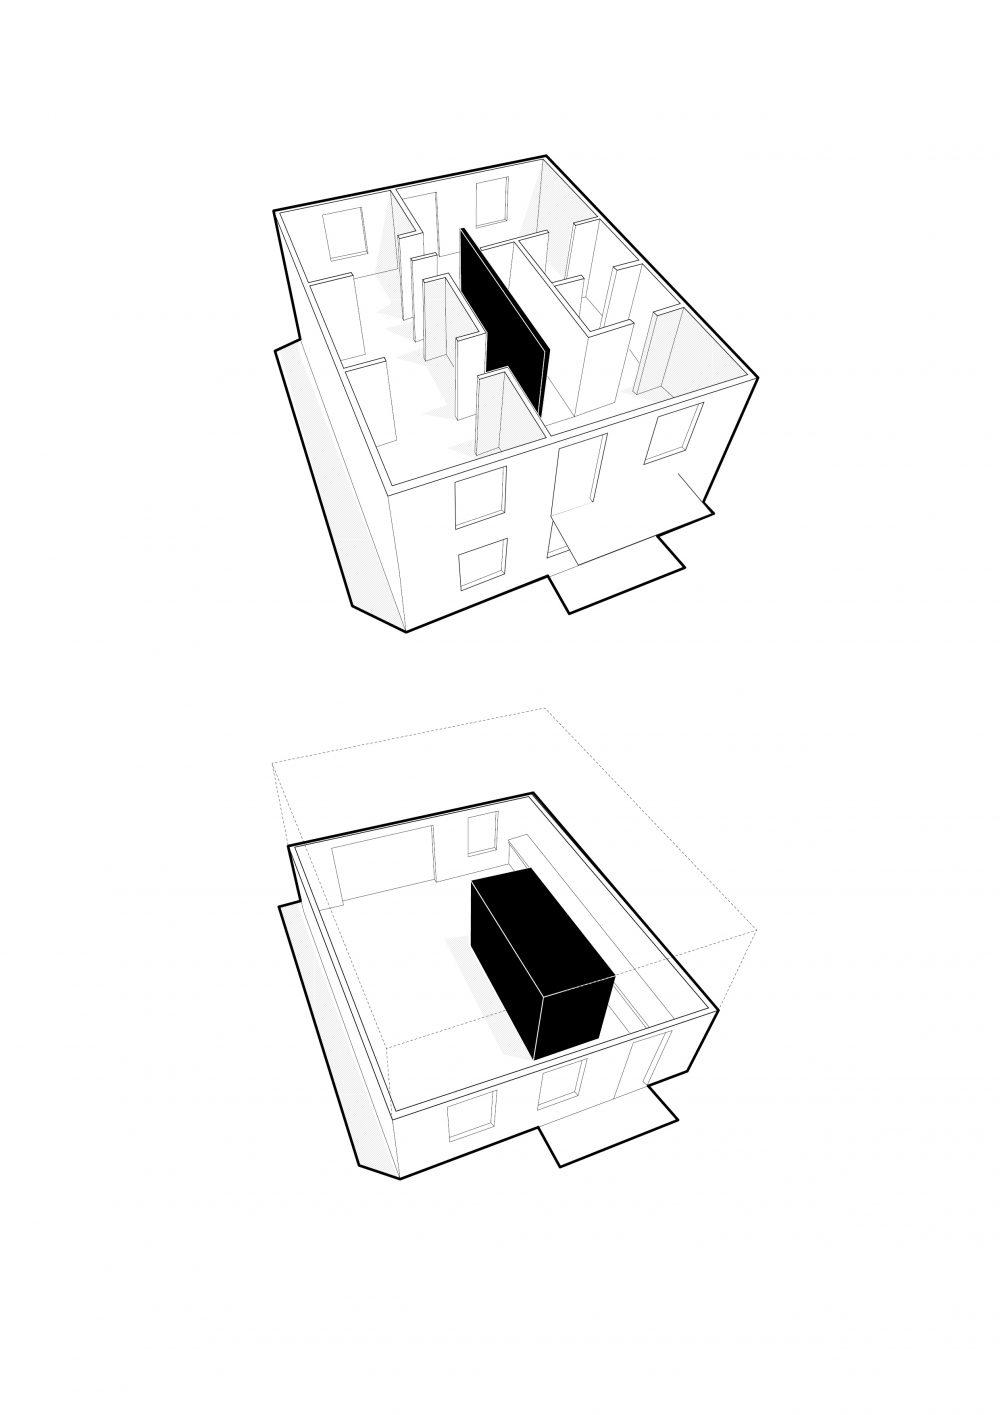 Résidence Louis-Hébert - Atelier Barda architecture - schéma